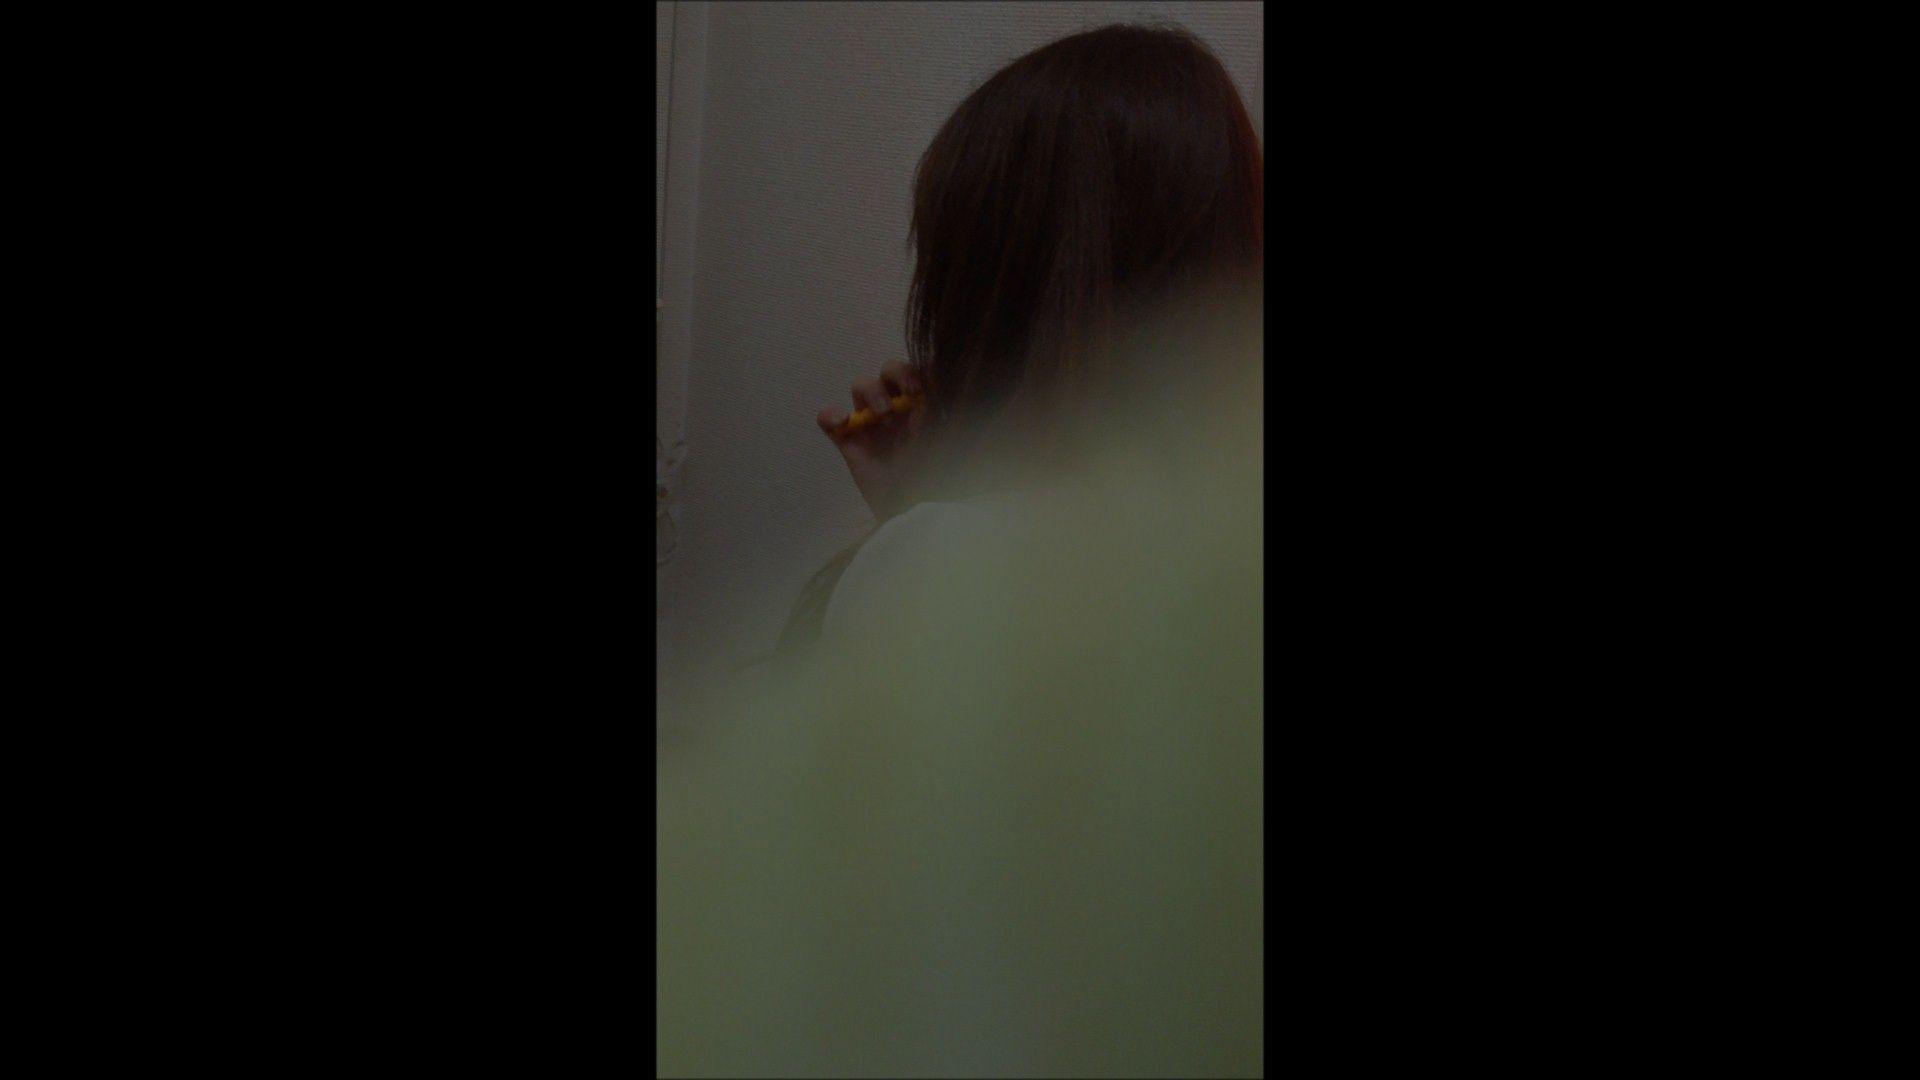 無修正エロ動画:08(8日目)メイク中の彼女の顔を撮りました!:大奥